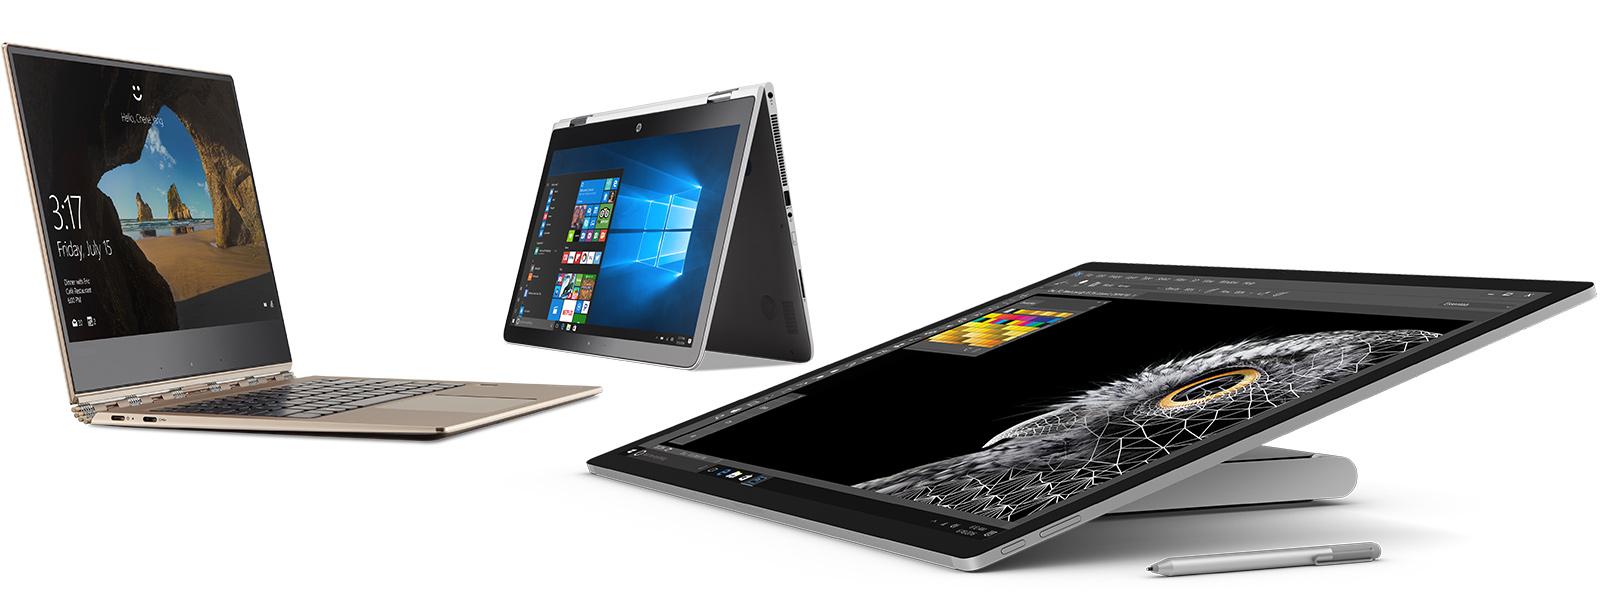 Gruppebillede af HP Spectre, Lenovo Yoga og Surface Studio.